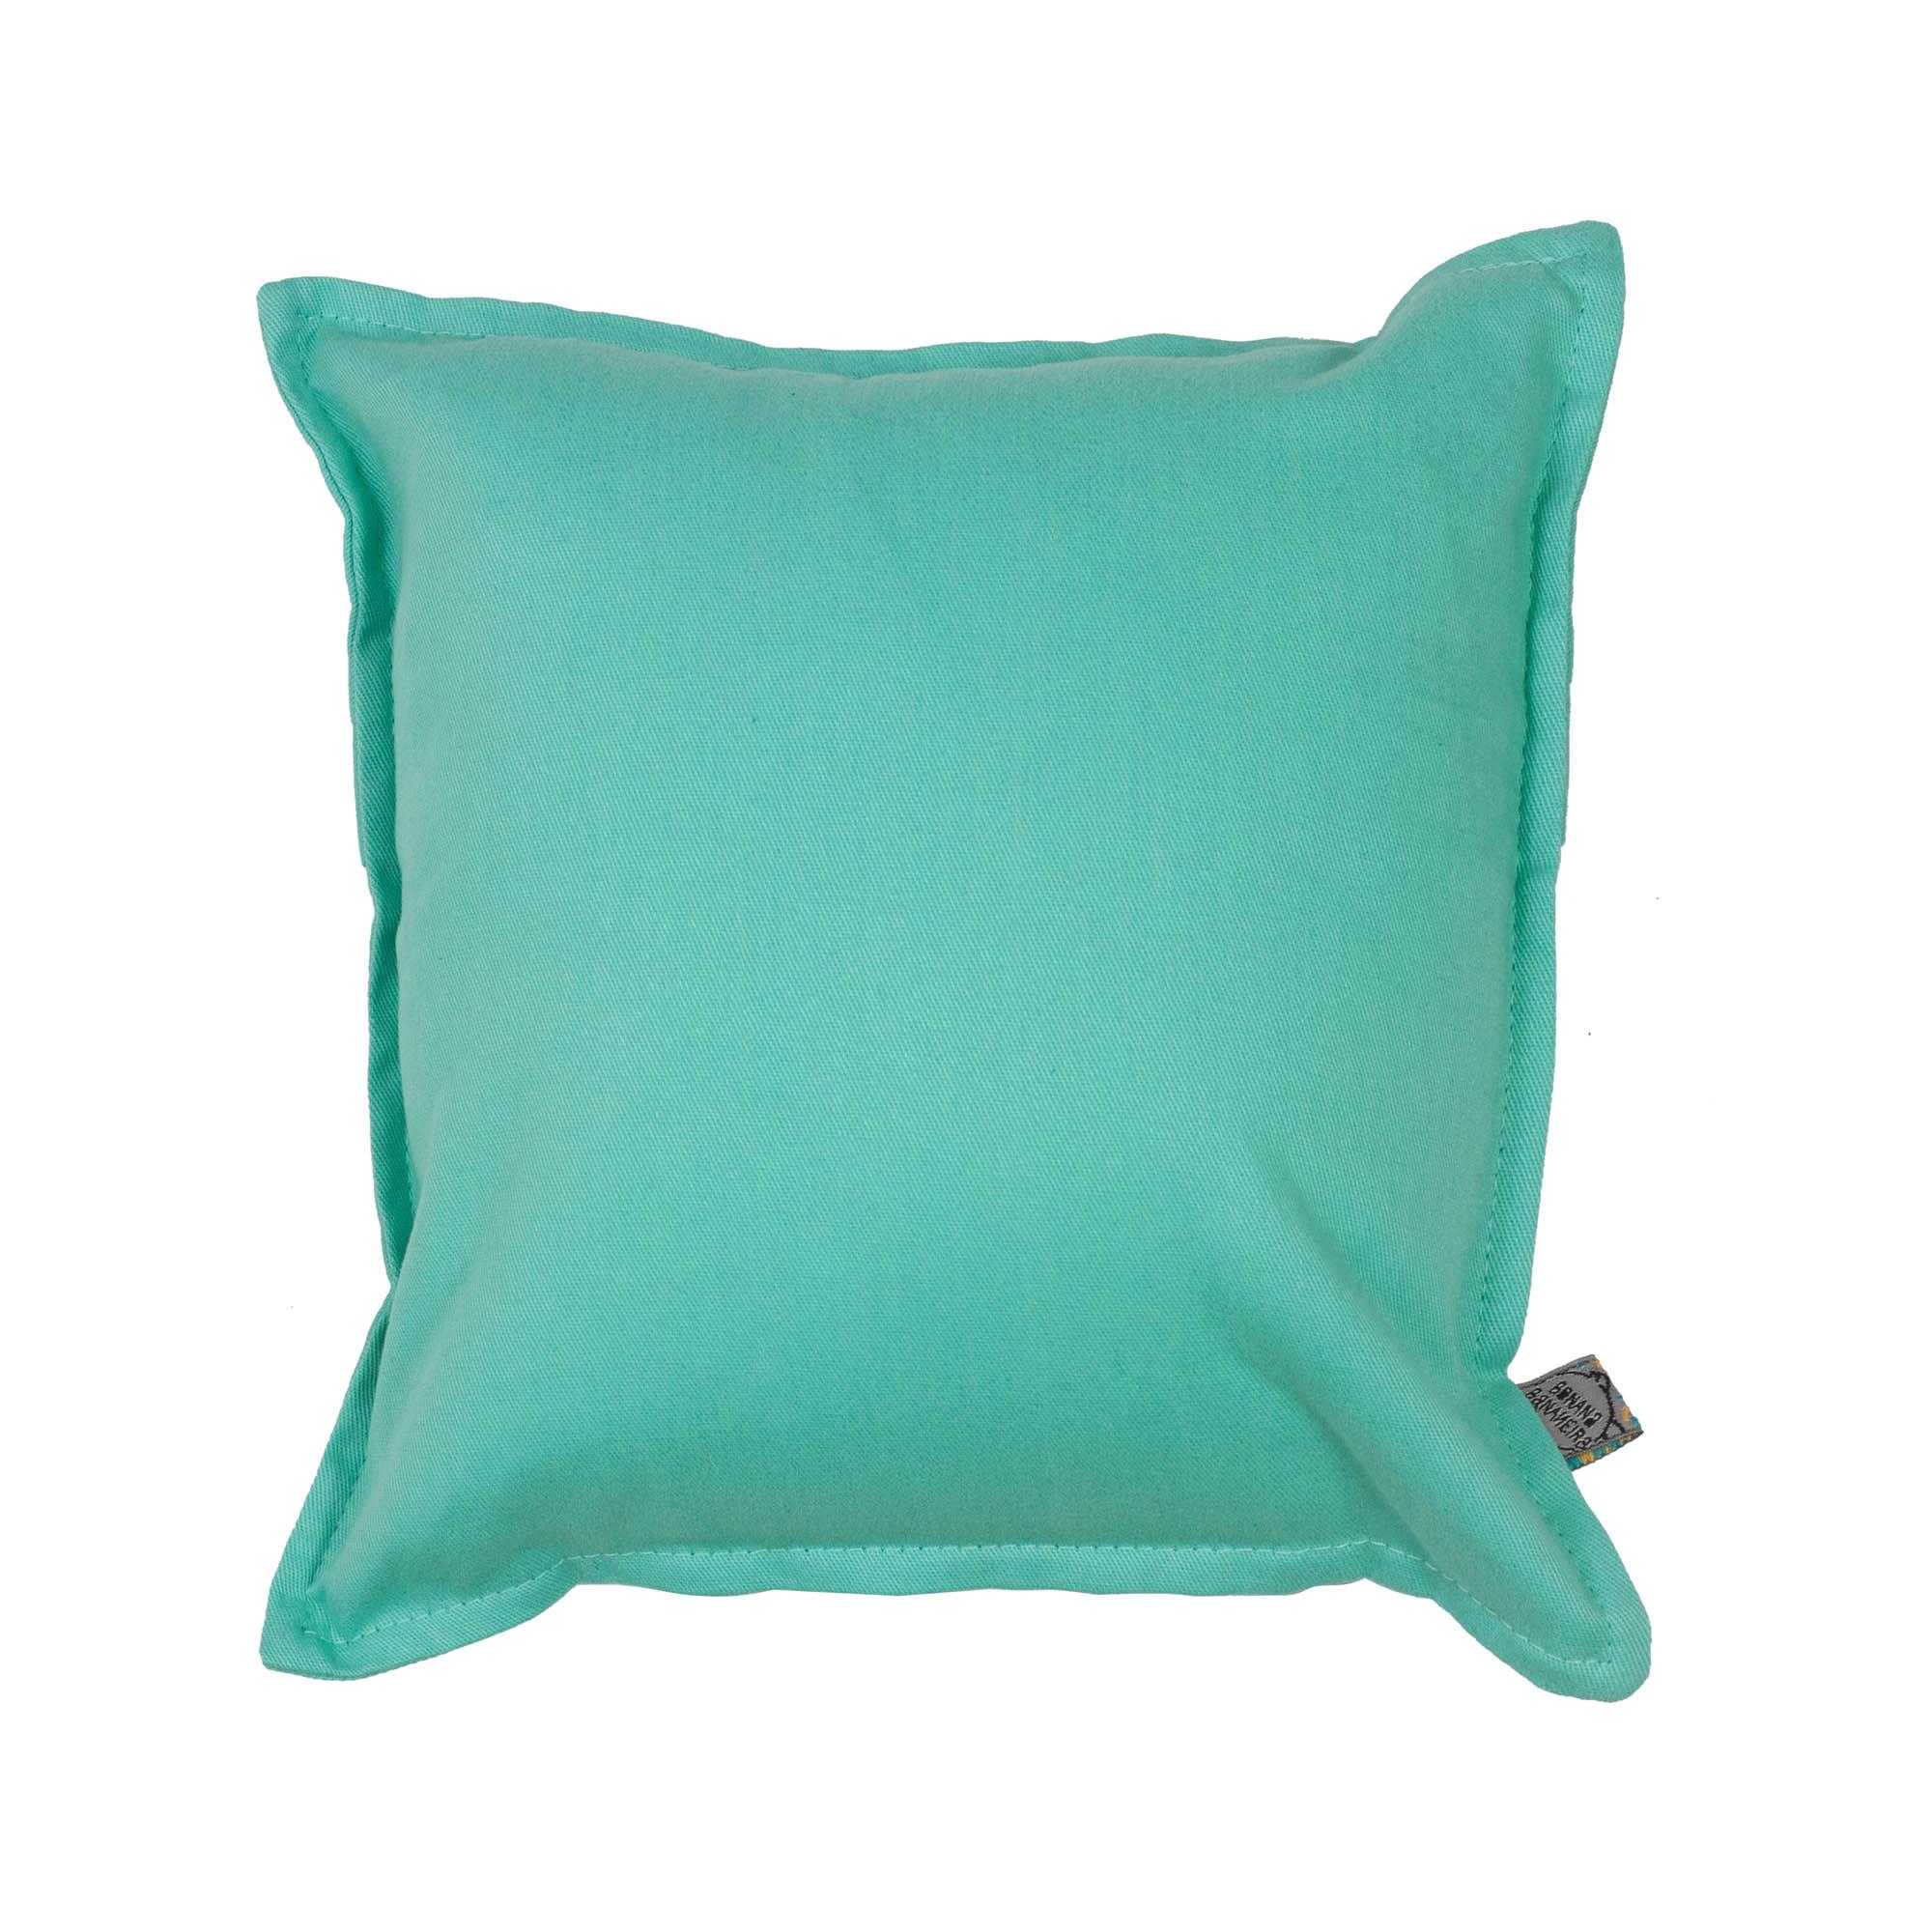 Almofada em pesponto 25 cm x 25 cm verde água